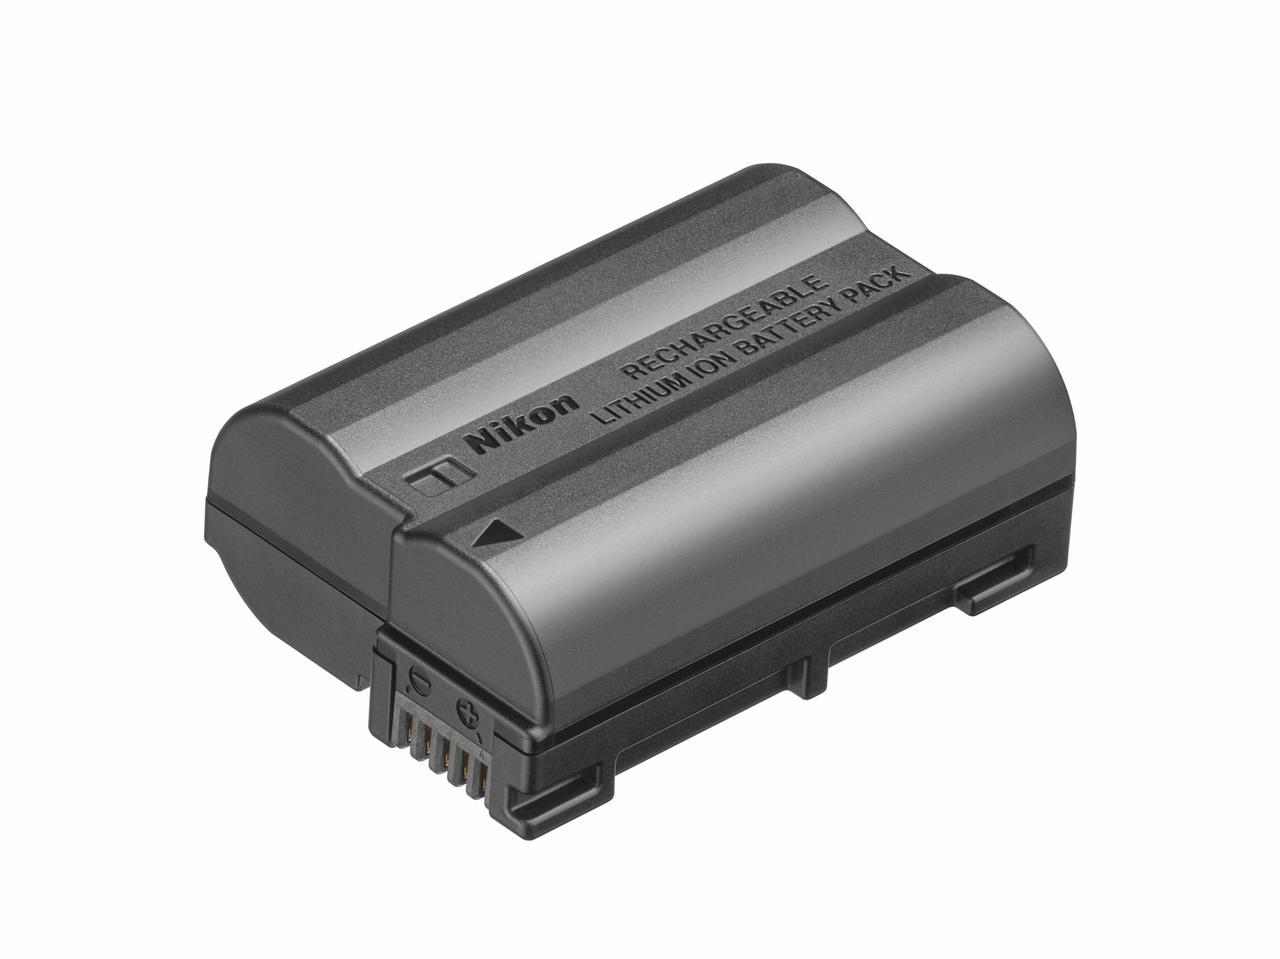 画像: 新たなバッテリーEN-EL15c。容量が20%アップし、Z 5で約470枚の撮影が可能に